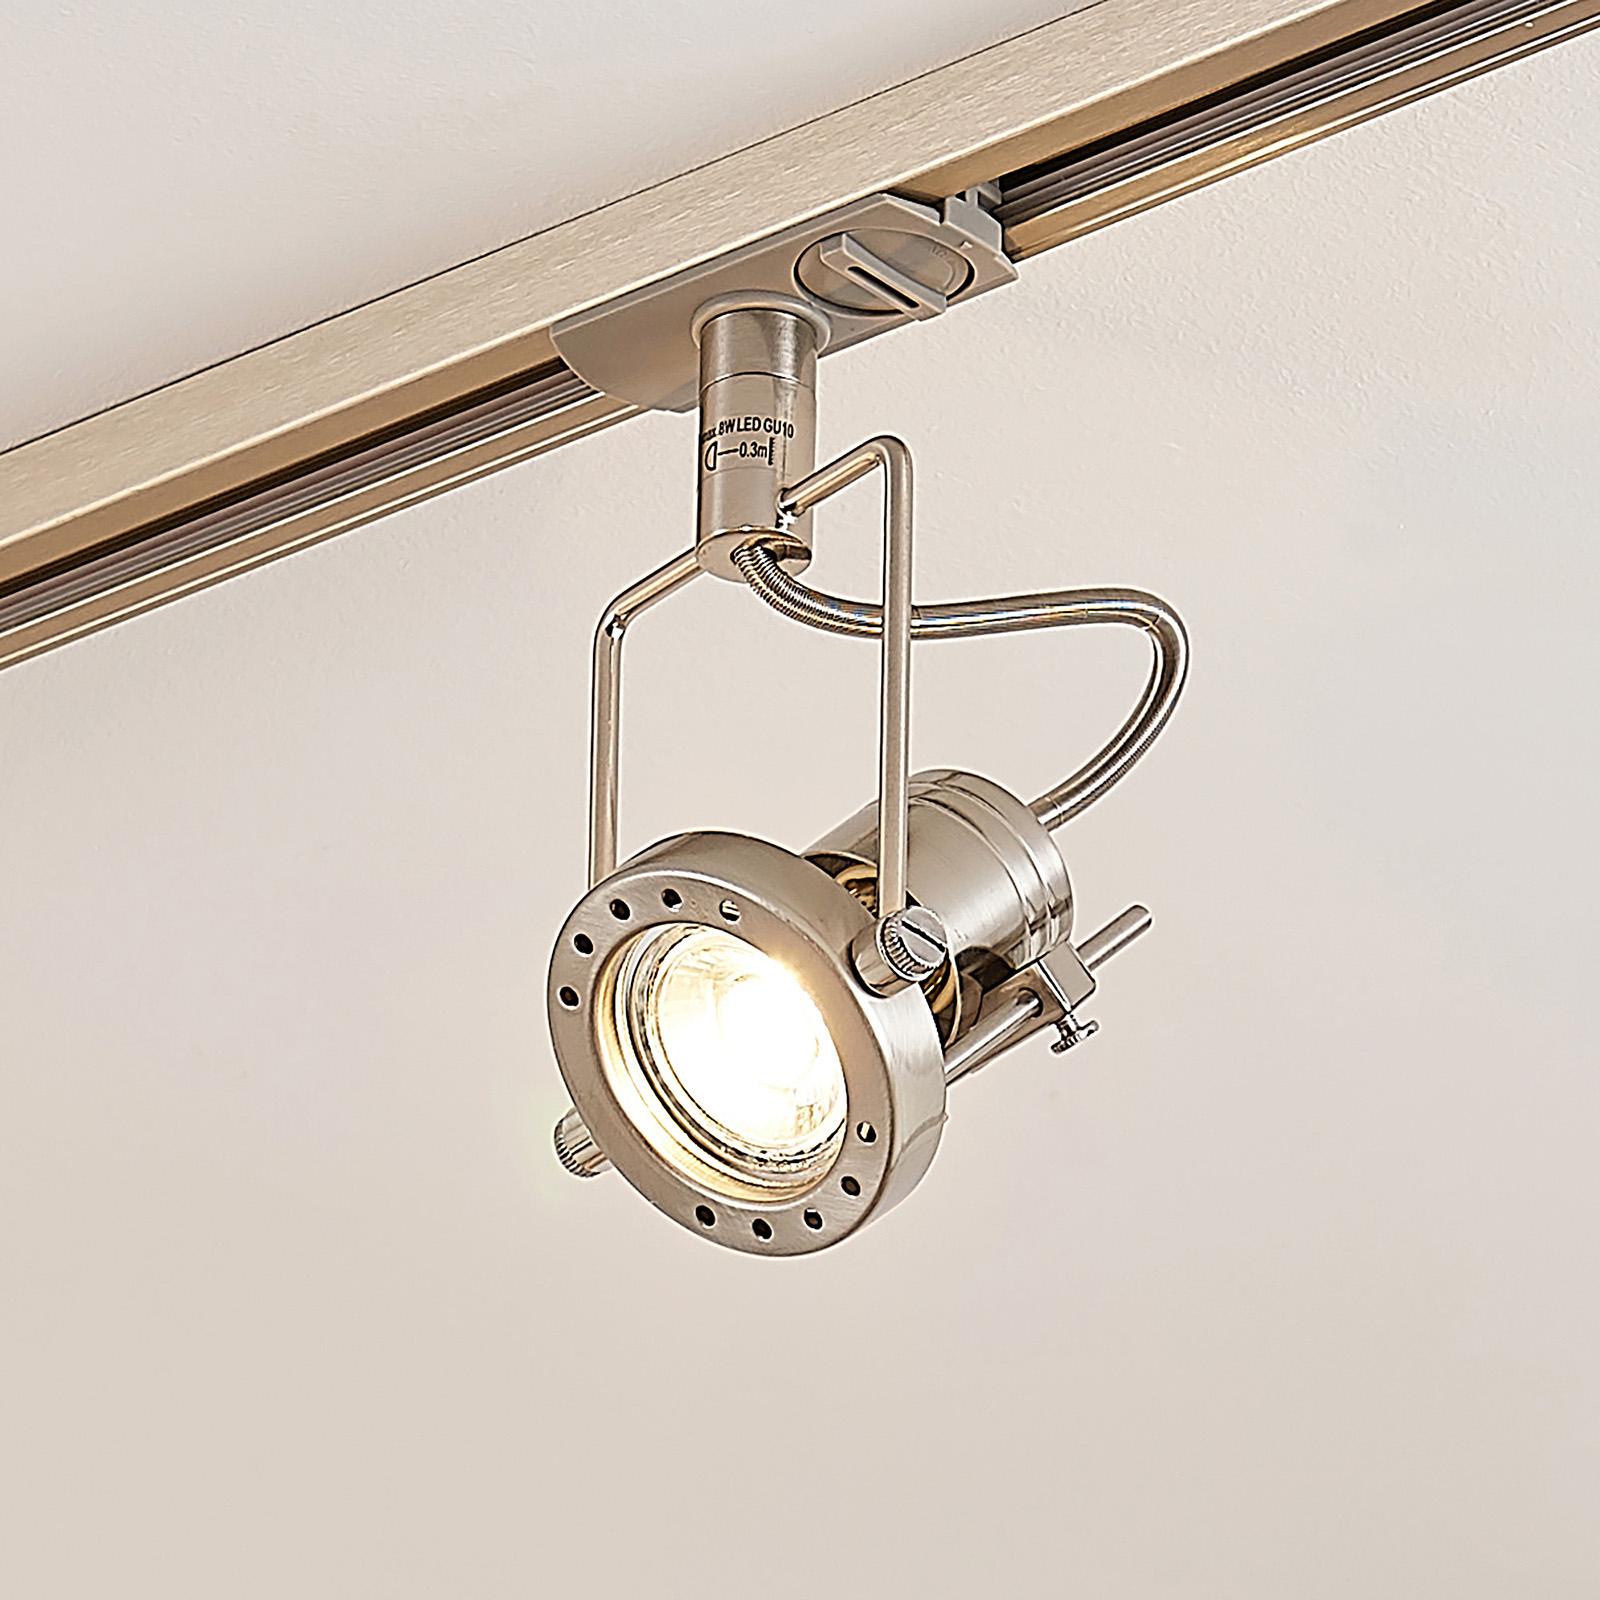 LED-spotti Arika kiskojärjestelmään, nikkeli